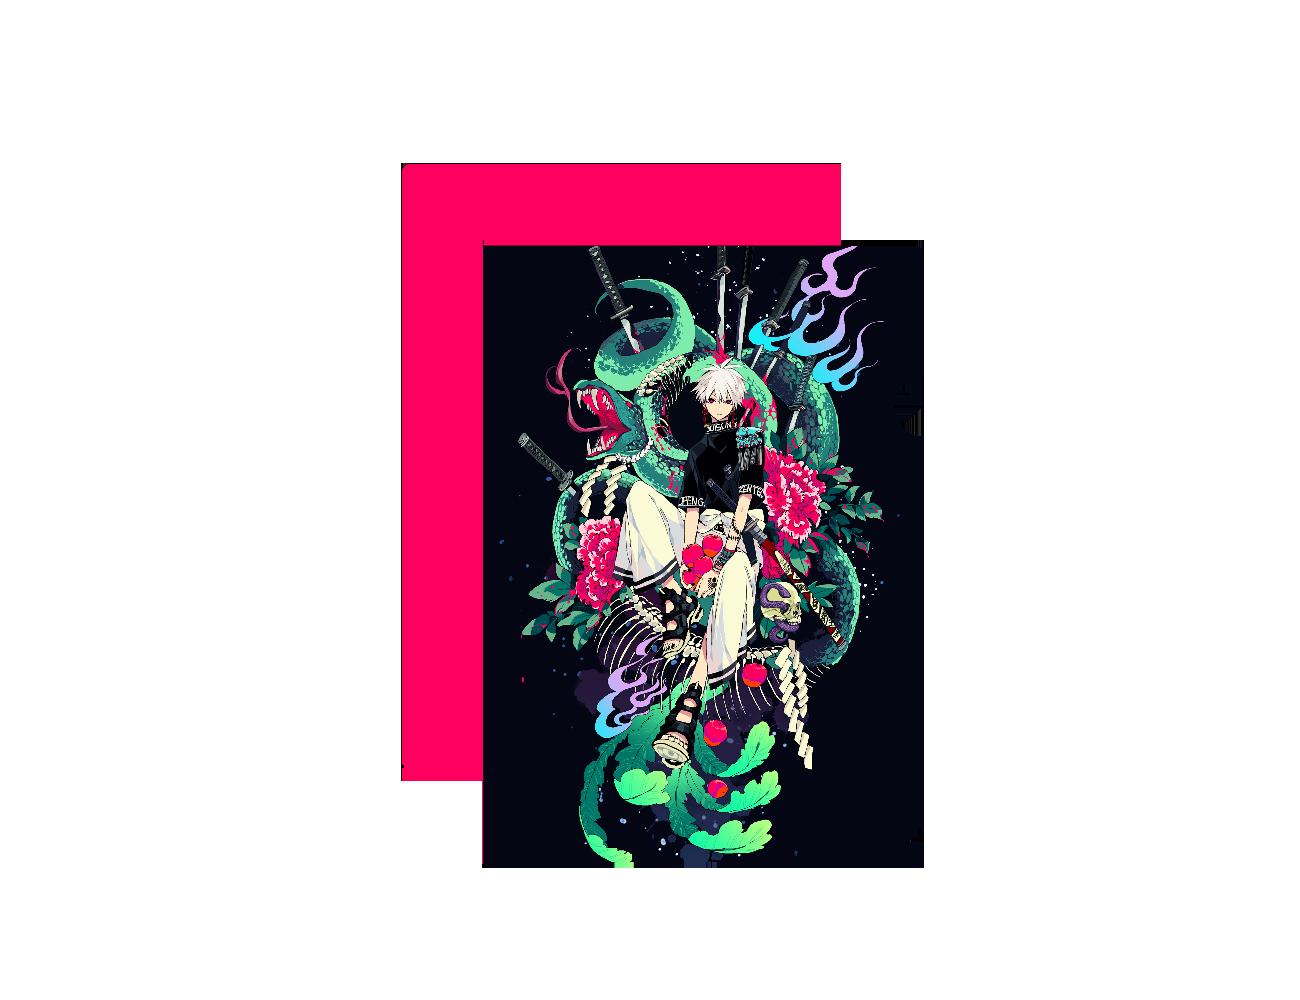 毒蛇 クリアファイル A4フルグラフィッククリアファイル